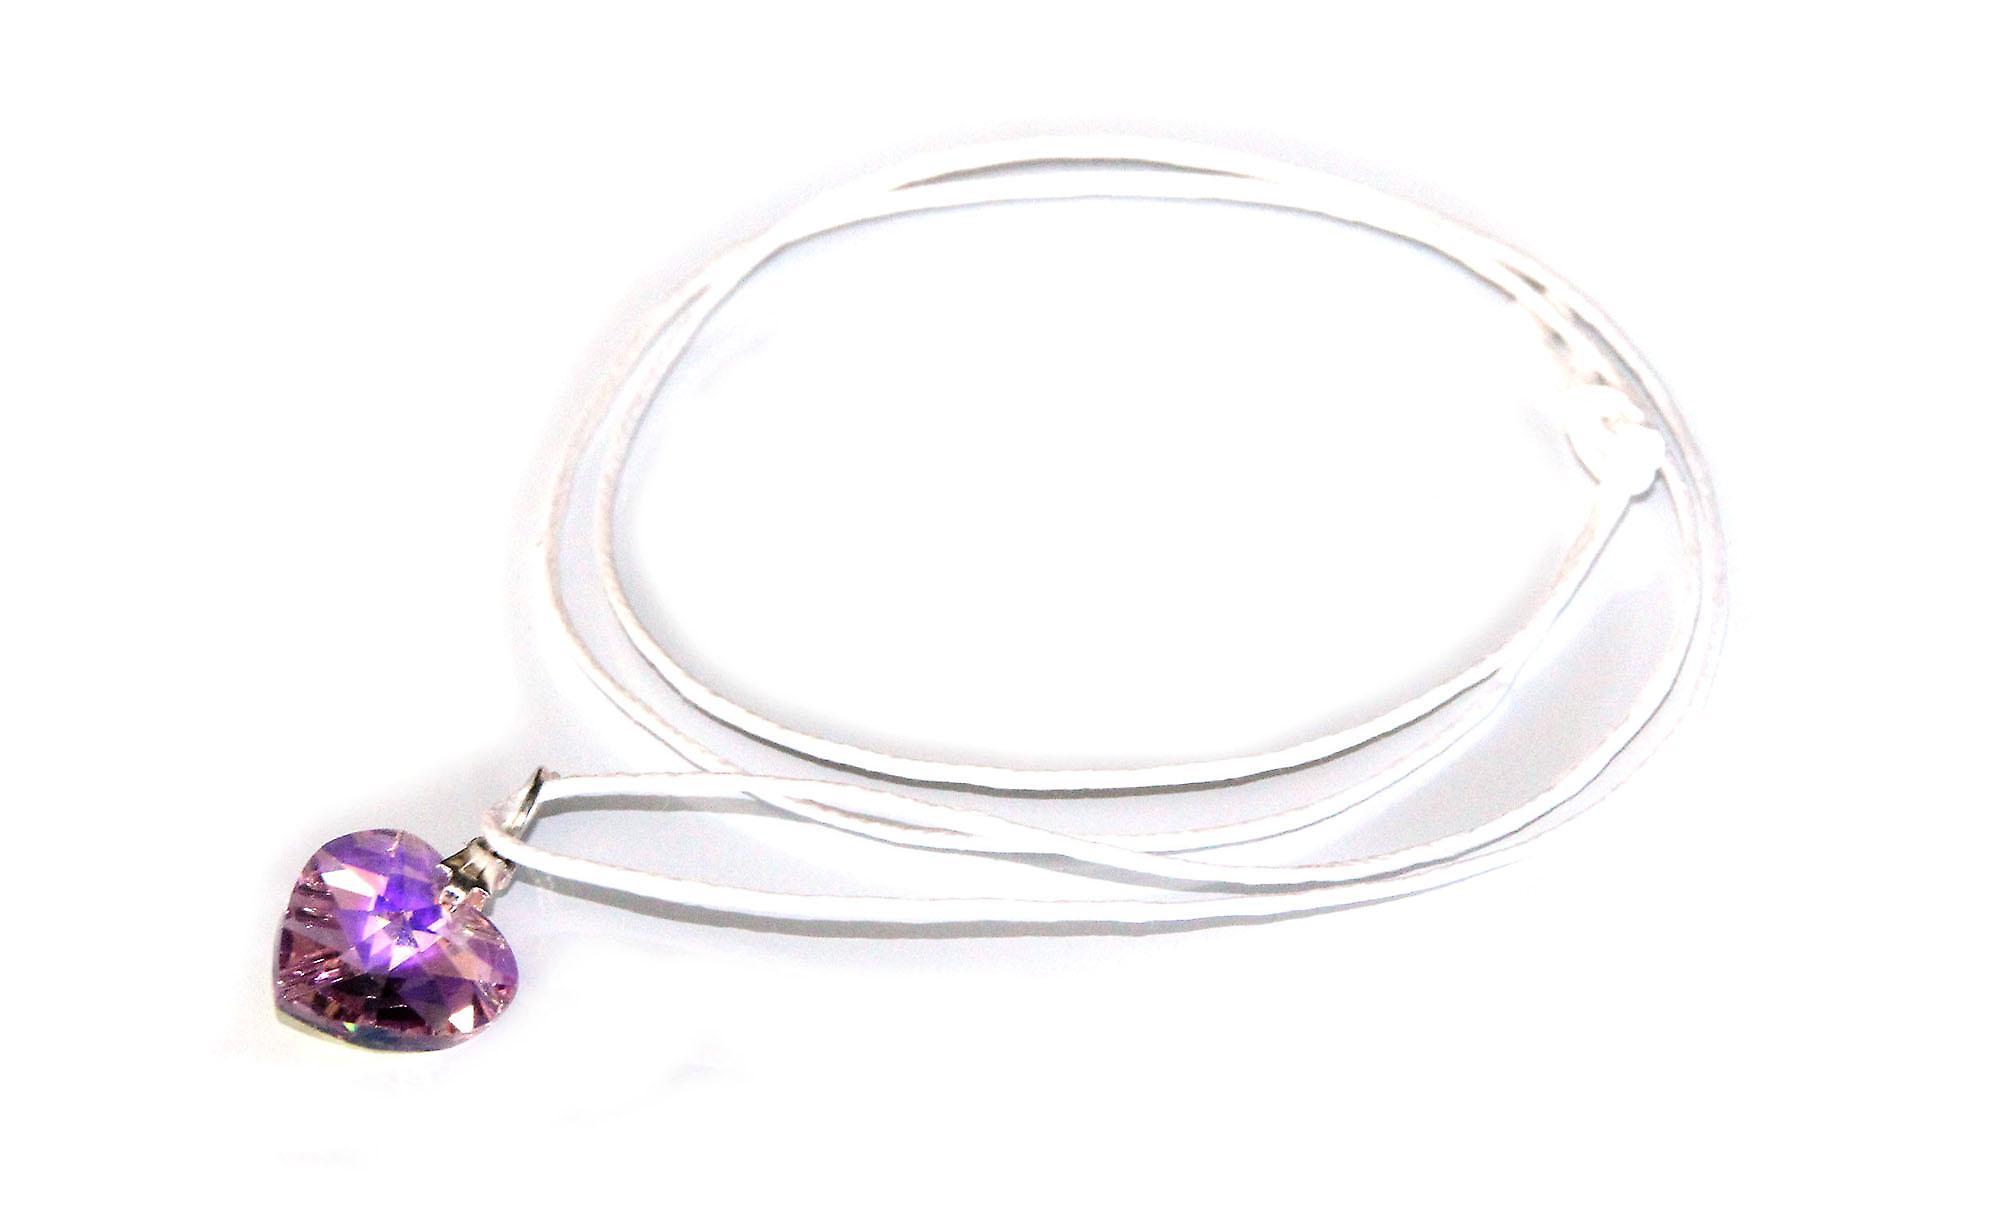 Waooh - Bijoux - Swarovski / Pendentif coeur violet avec cordon ciré